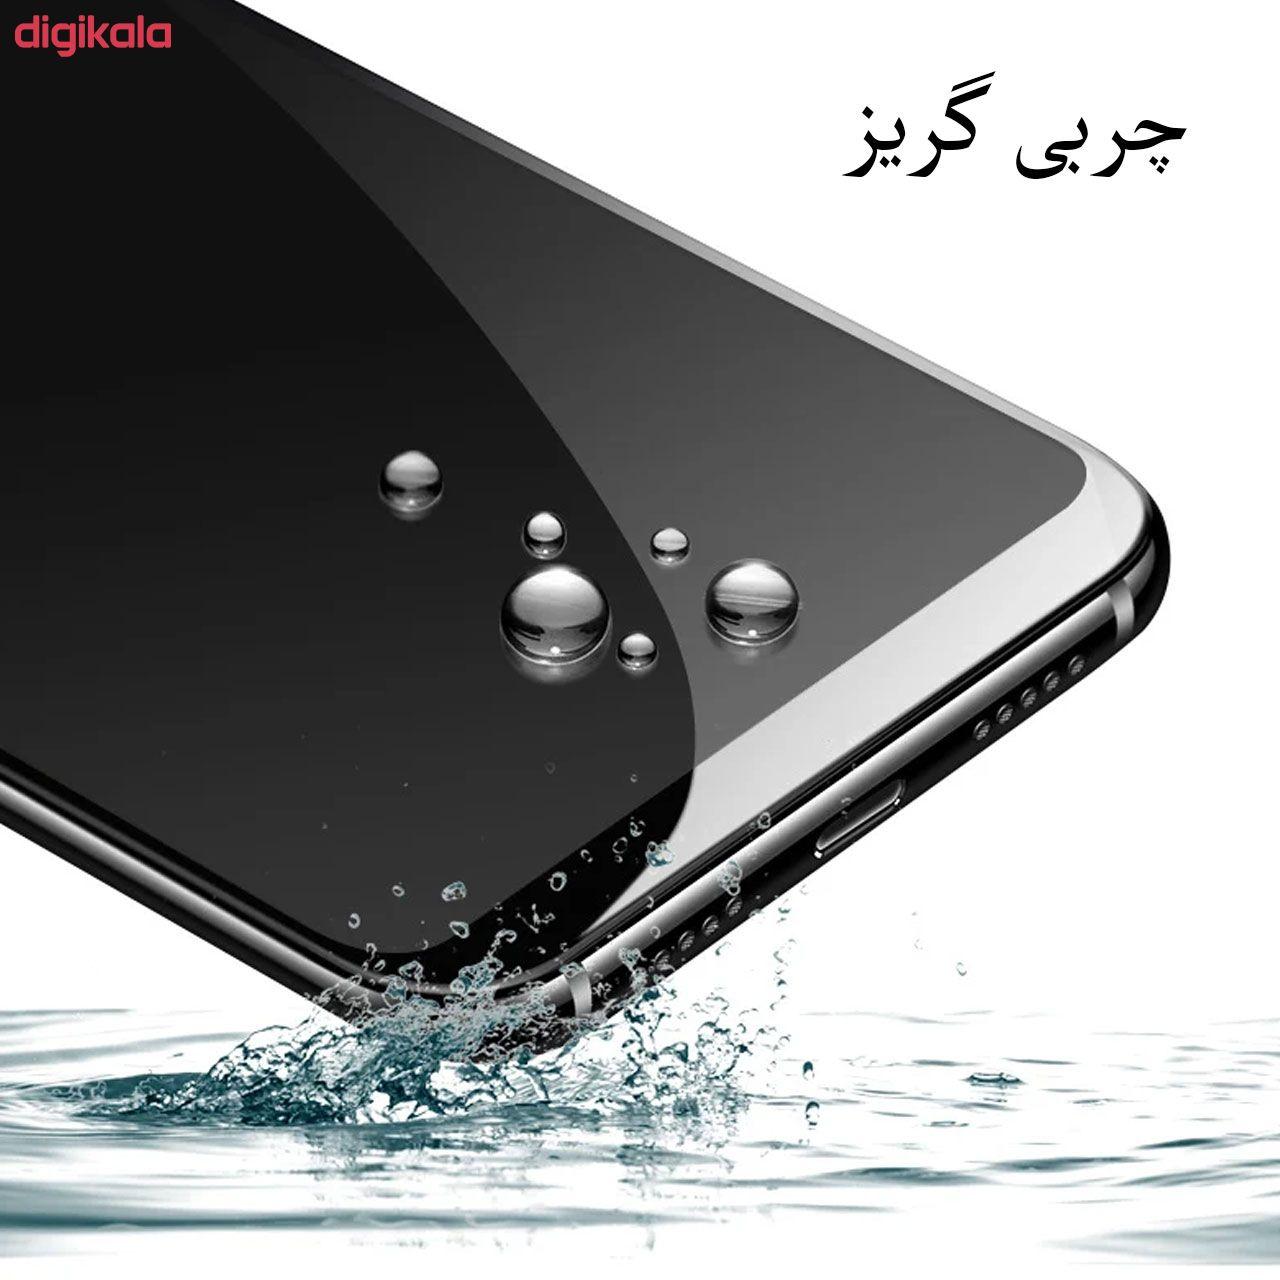 محافظ صفحه نمایش مدل FCG مناسب برای گوشی موبایل سامسونگ Galaxy A11 main 1 5